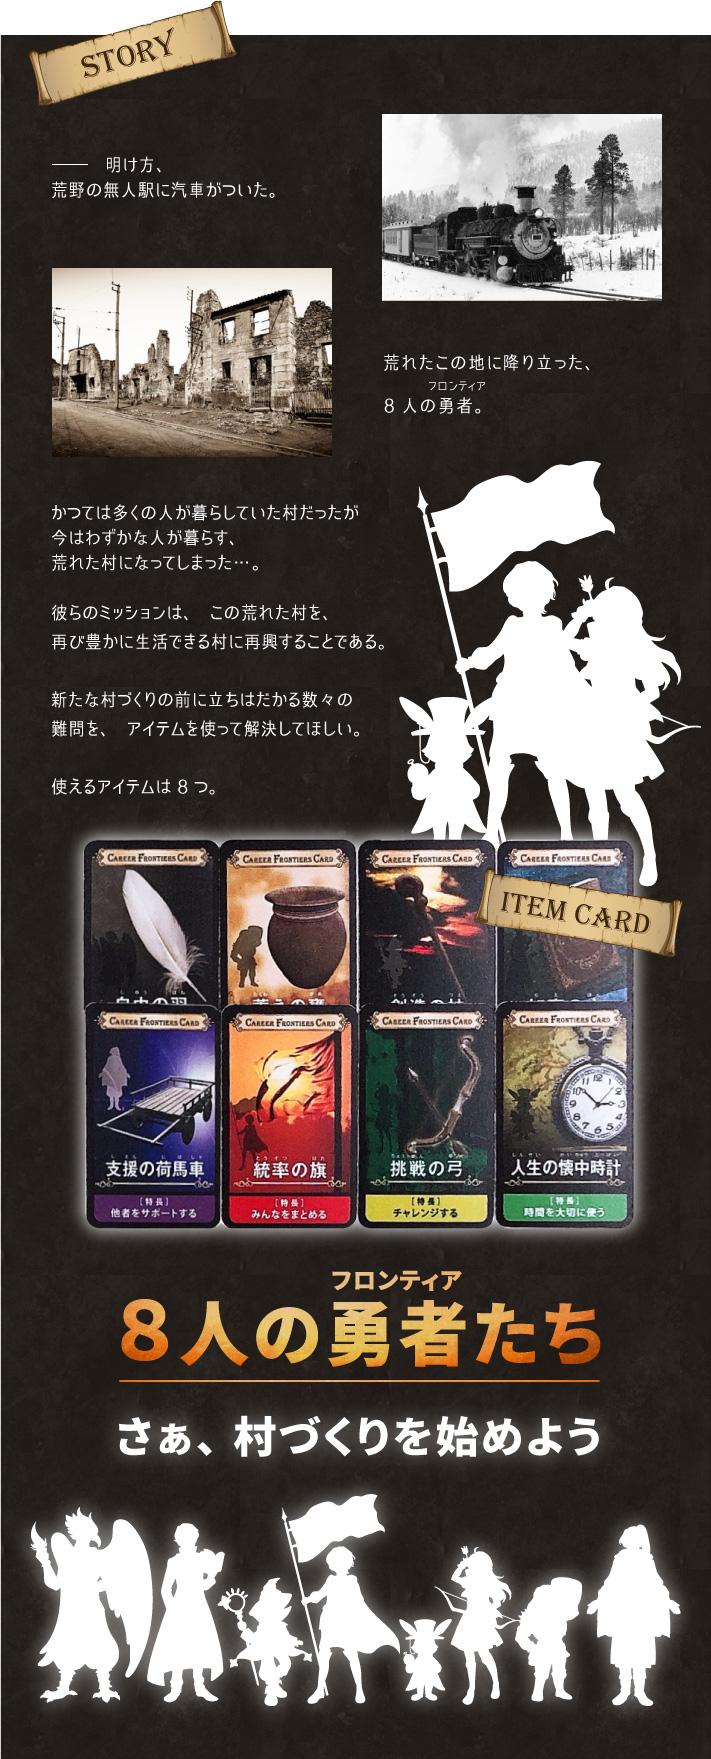 8人の勇者【フロンティア】たち ストーリー